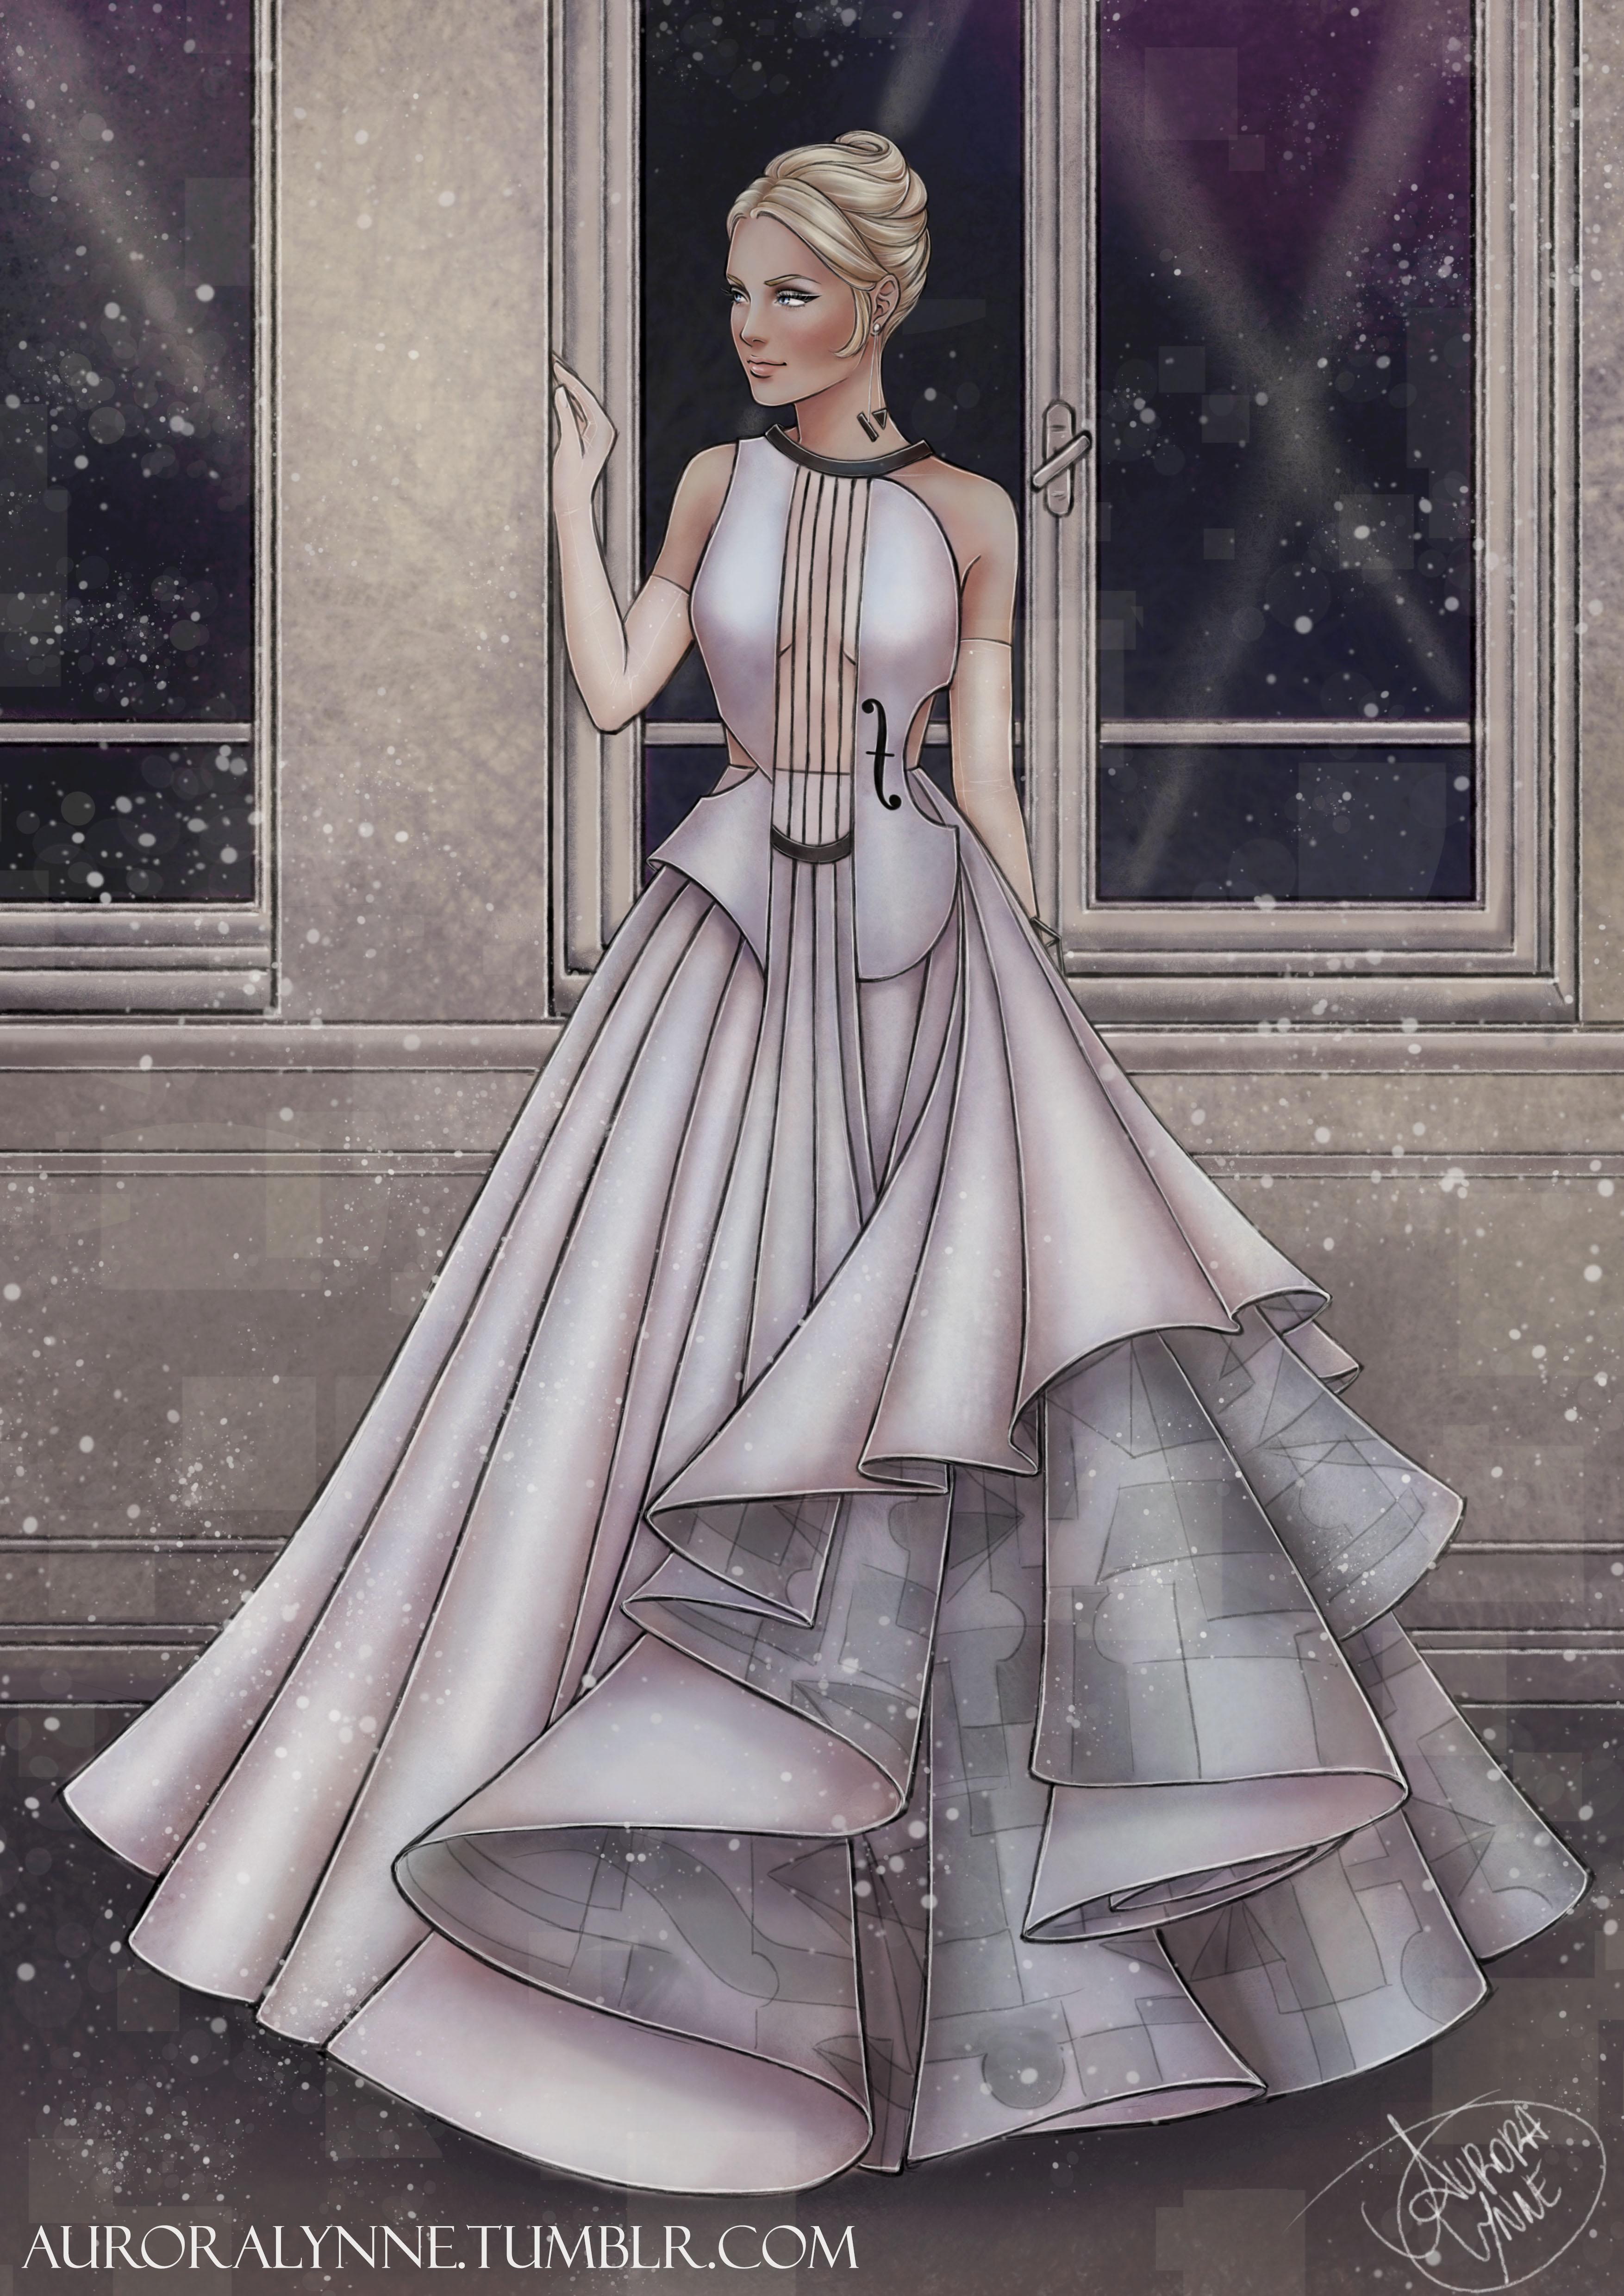 Chloé - Cubism, by Aurora Lynne